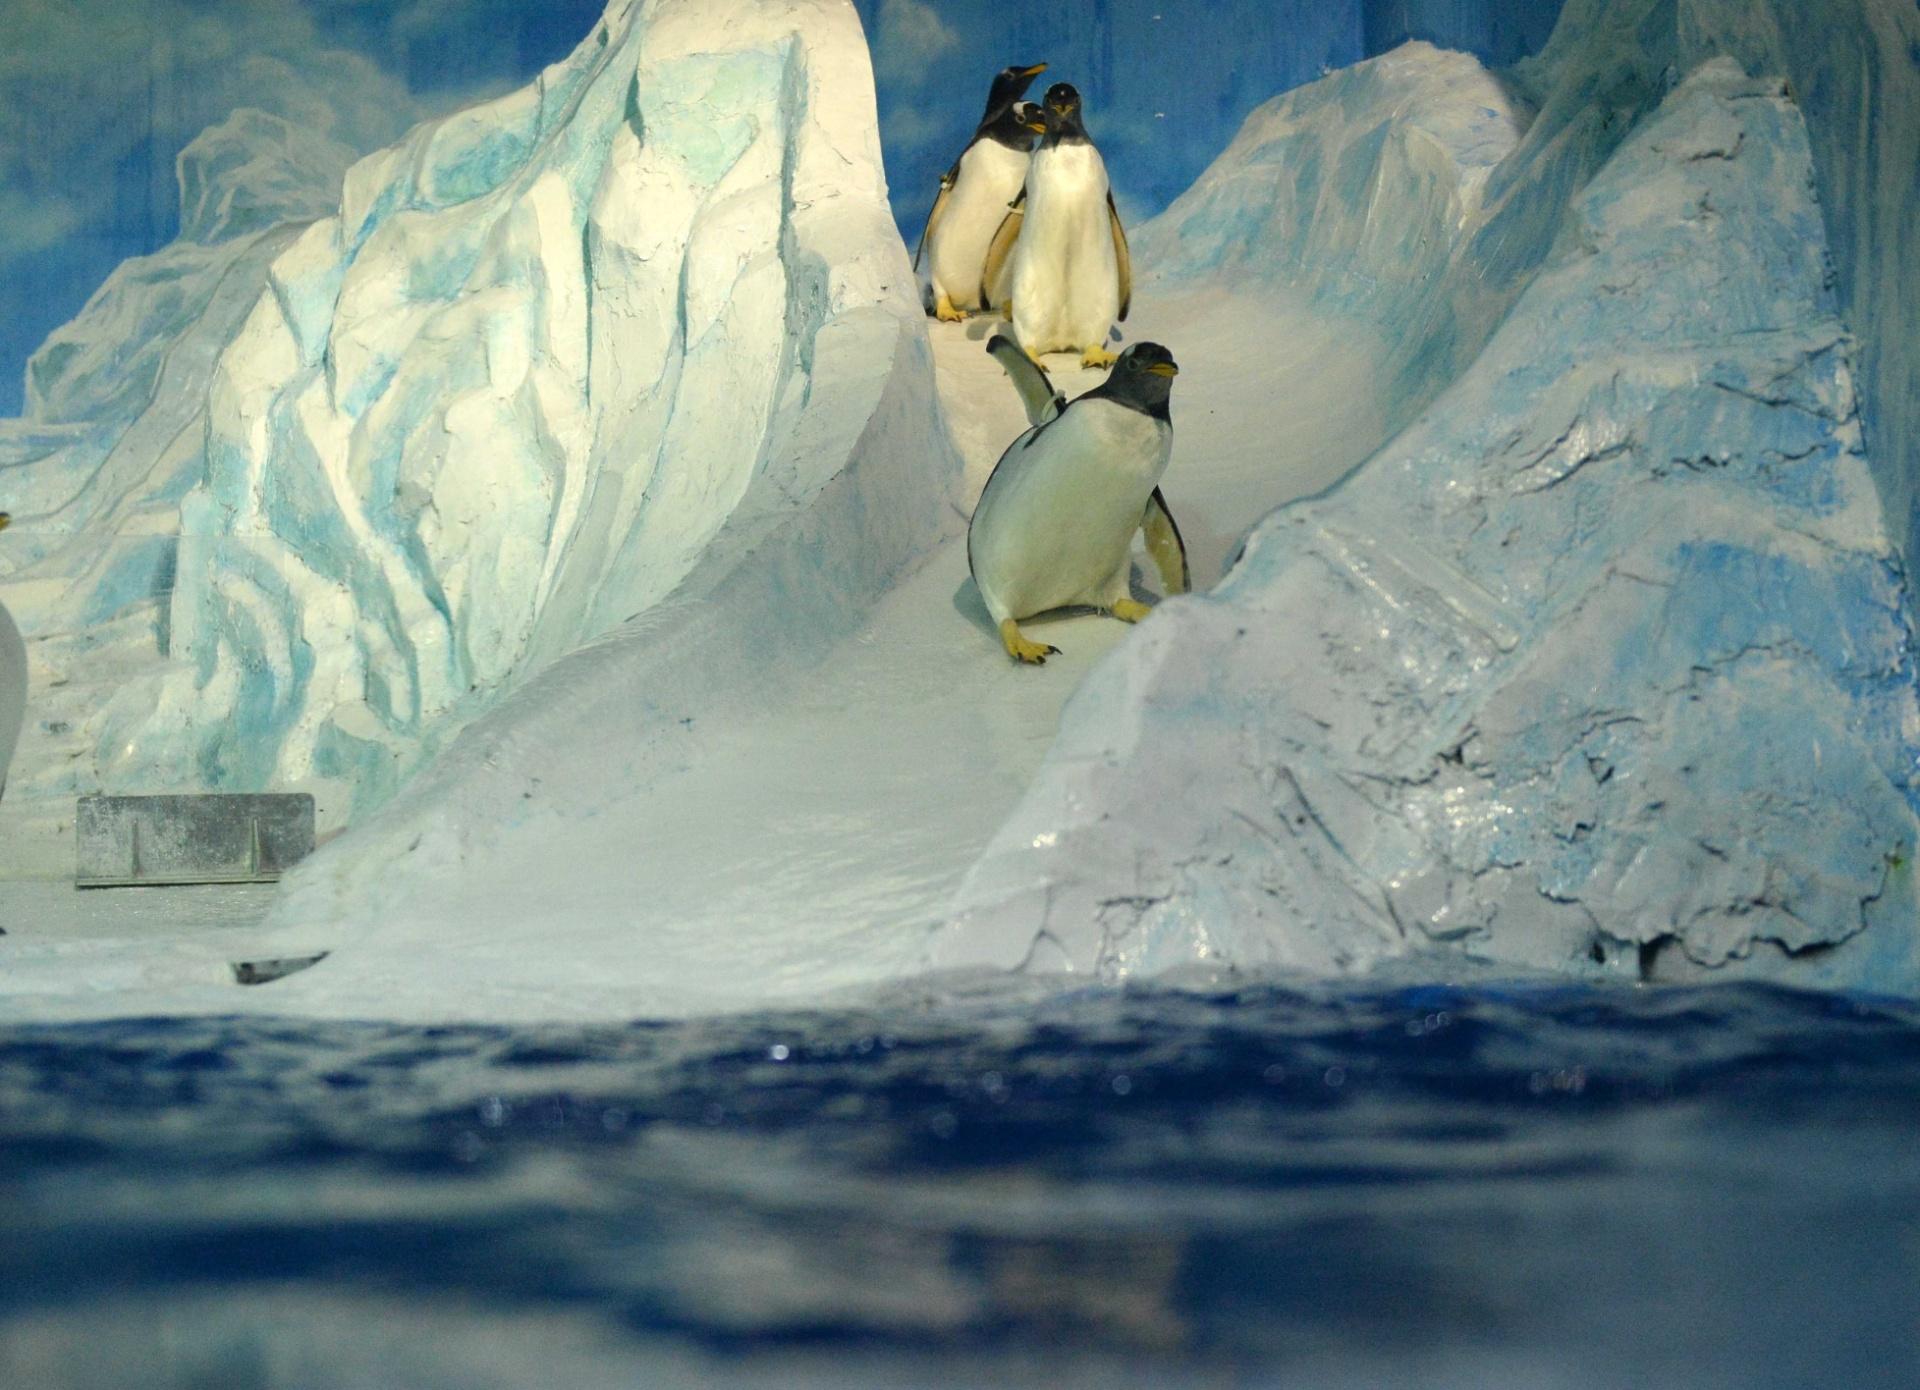 28.jul.2016 - Pinguim desliza em escorregador no aquário polar de Harbin, na China. O aquário investiu em plataformas de mergulho e escorregadores de gelo para ajudar os animais a escaparem do calor do verão